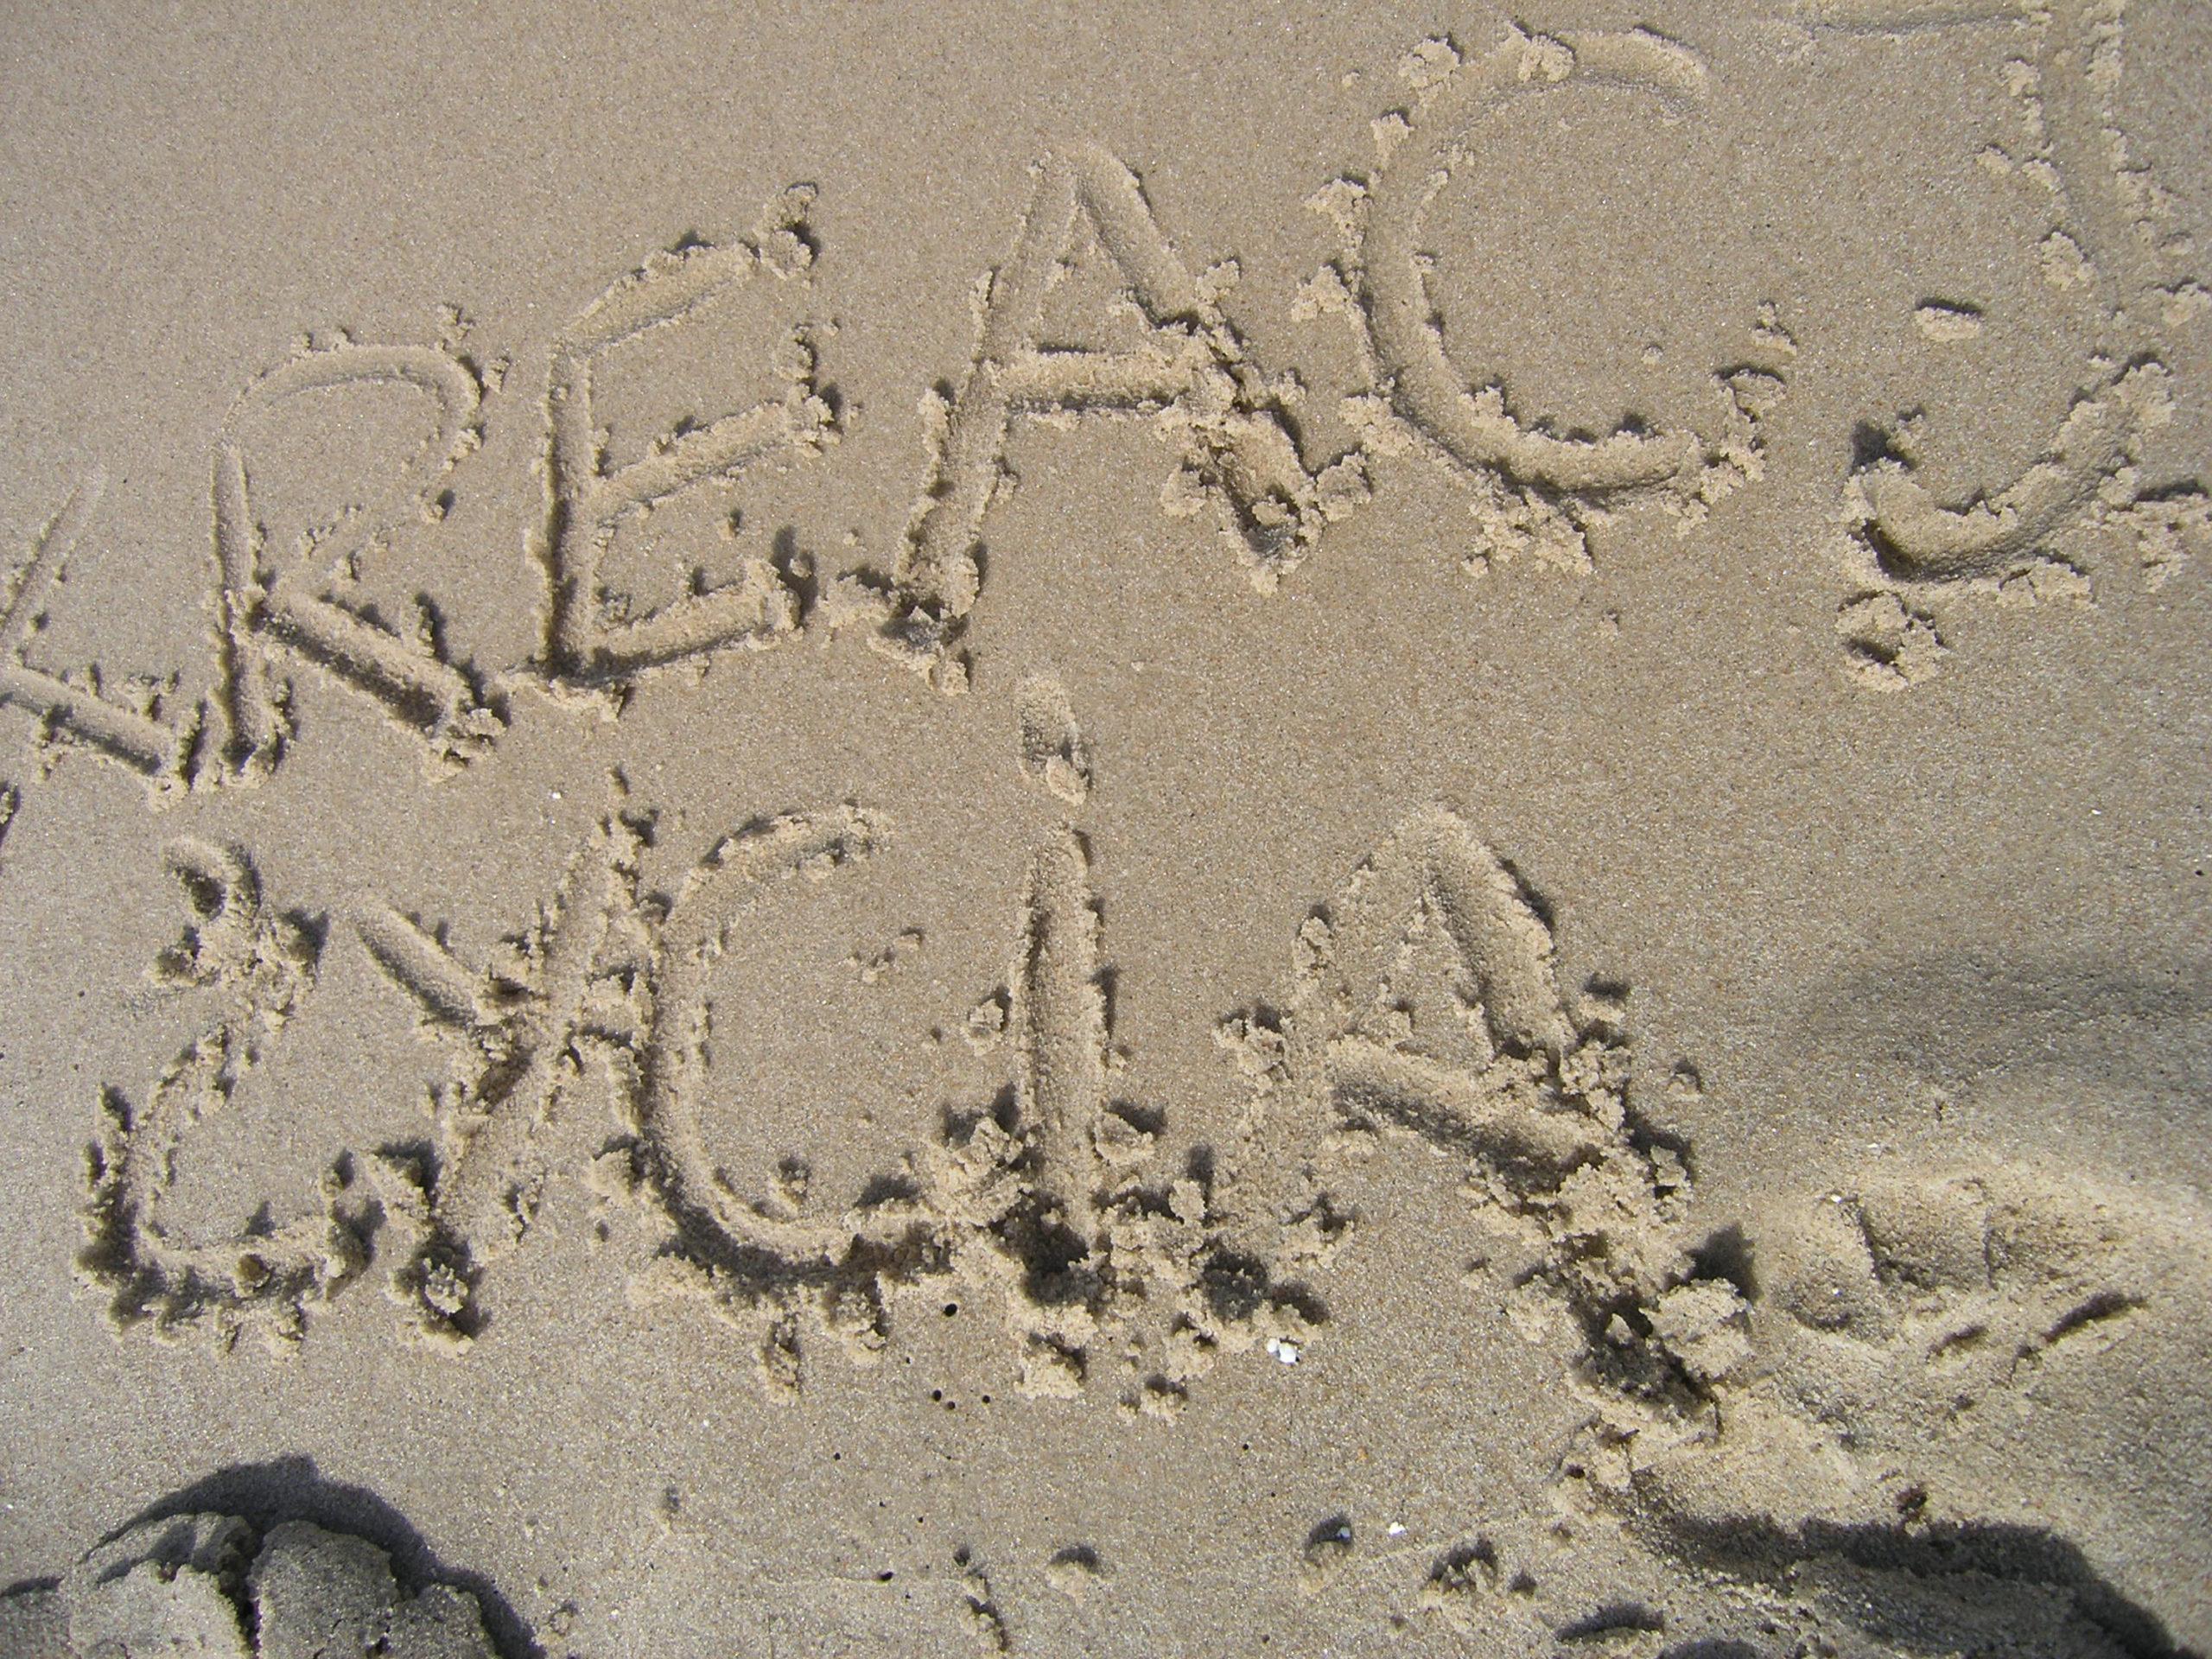 wisełka kreacja życia na piasku